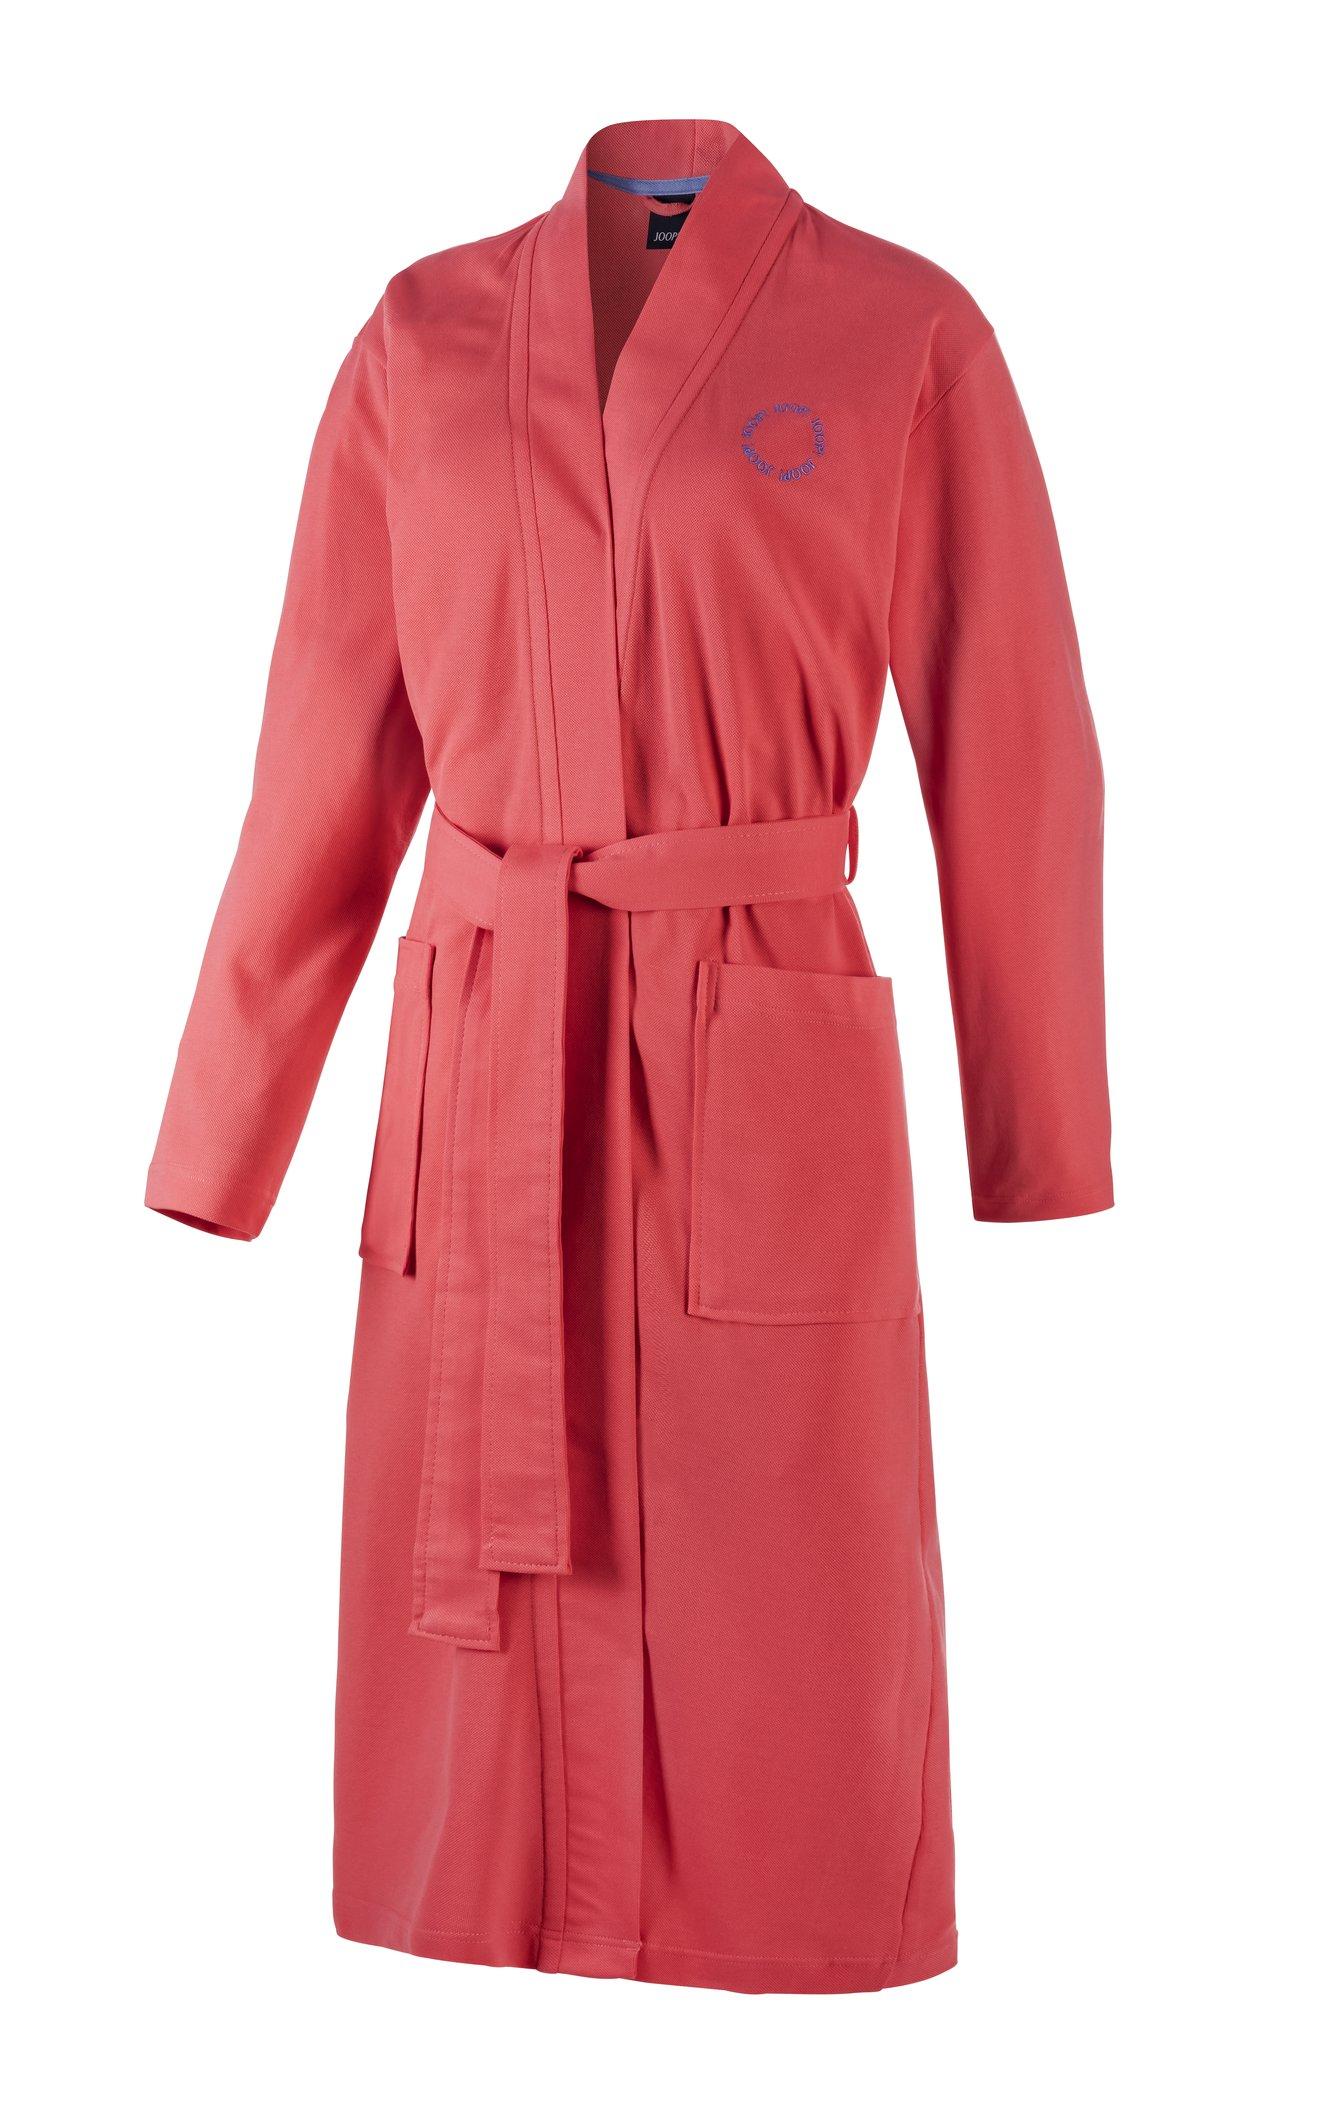 JOOP! Beach Capsule Kimono leichter Bademantel Kollektion 2020 21 Coral L 44-46